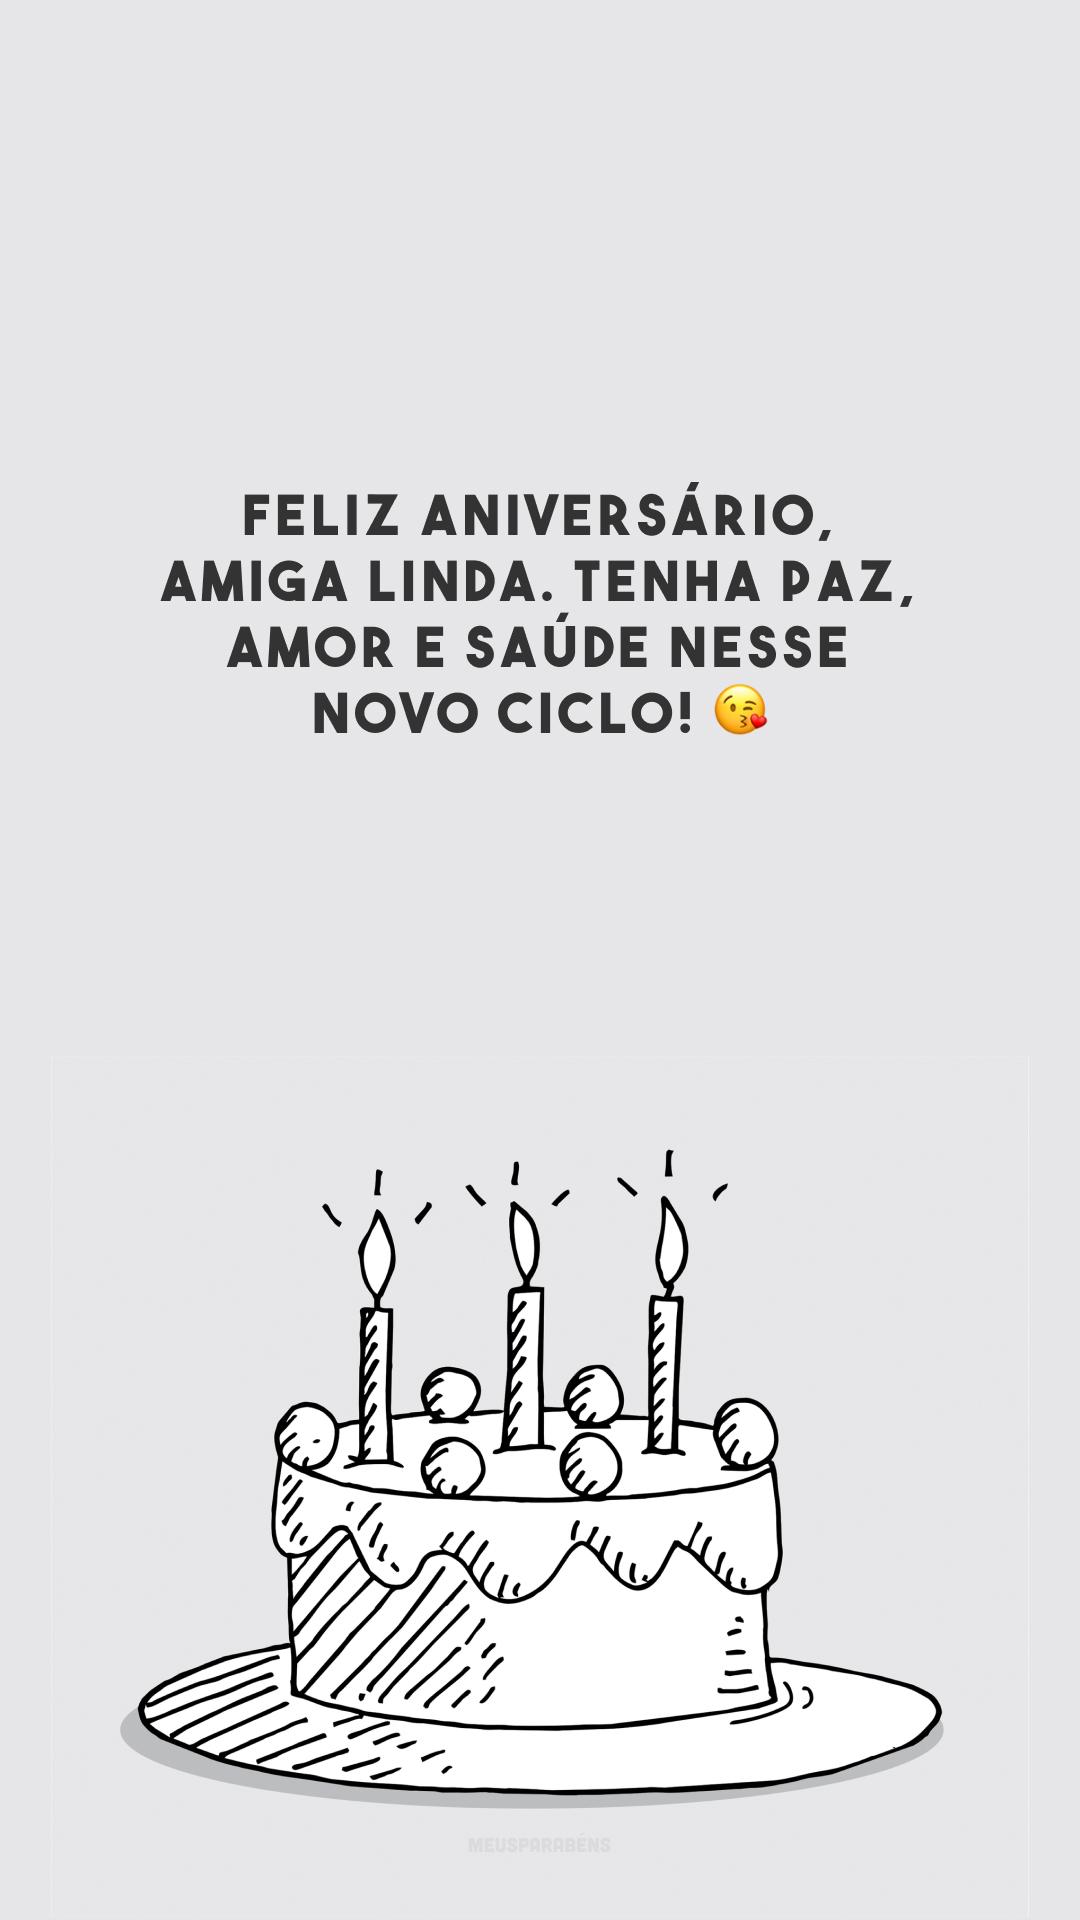 Feliz aniversário, amiga linda. Tenha paz, amor e saúde nesse novo ciclo! 😘